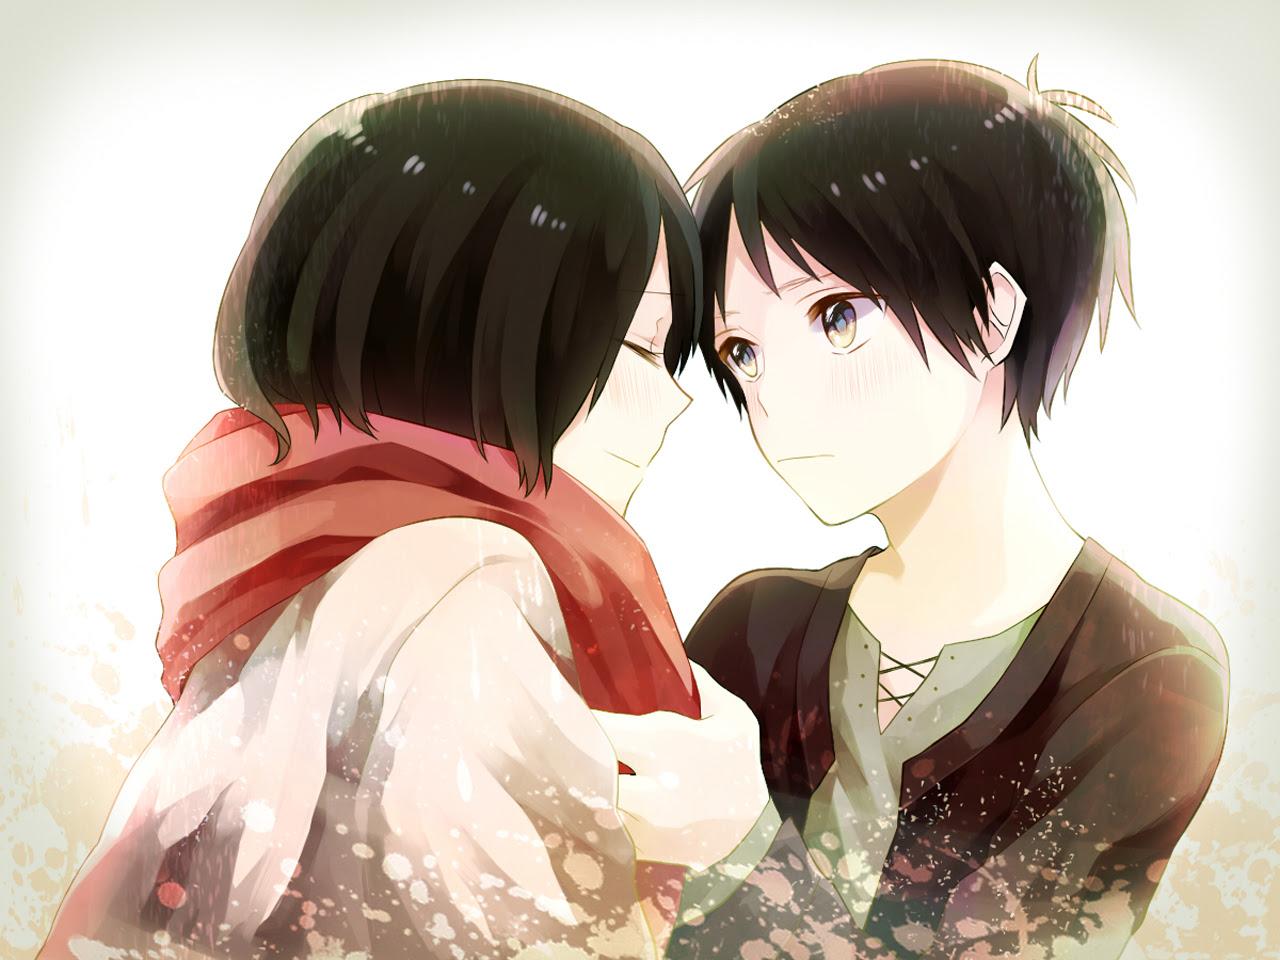 Mikasa And Eren Shingeki No Kyojin Attack On Titan Wallpaper 37707714 Fanpop